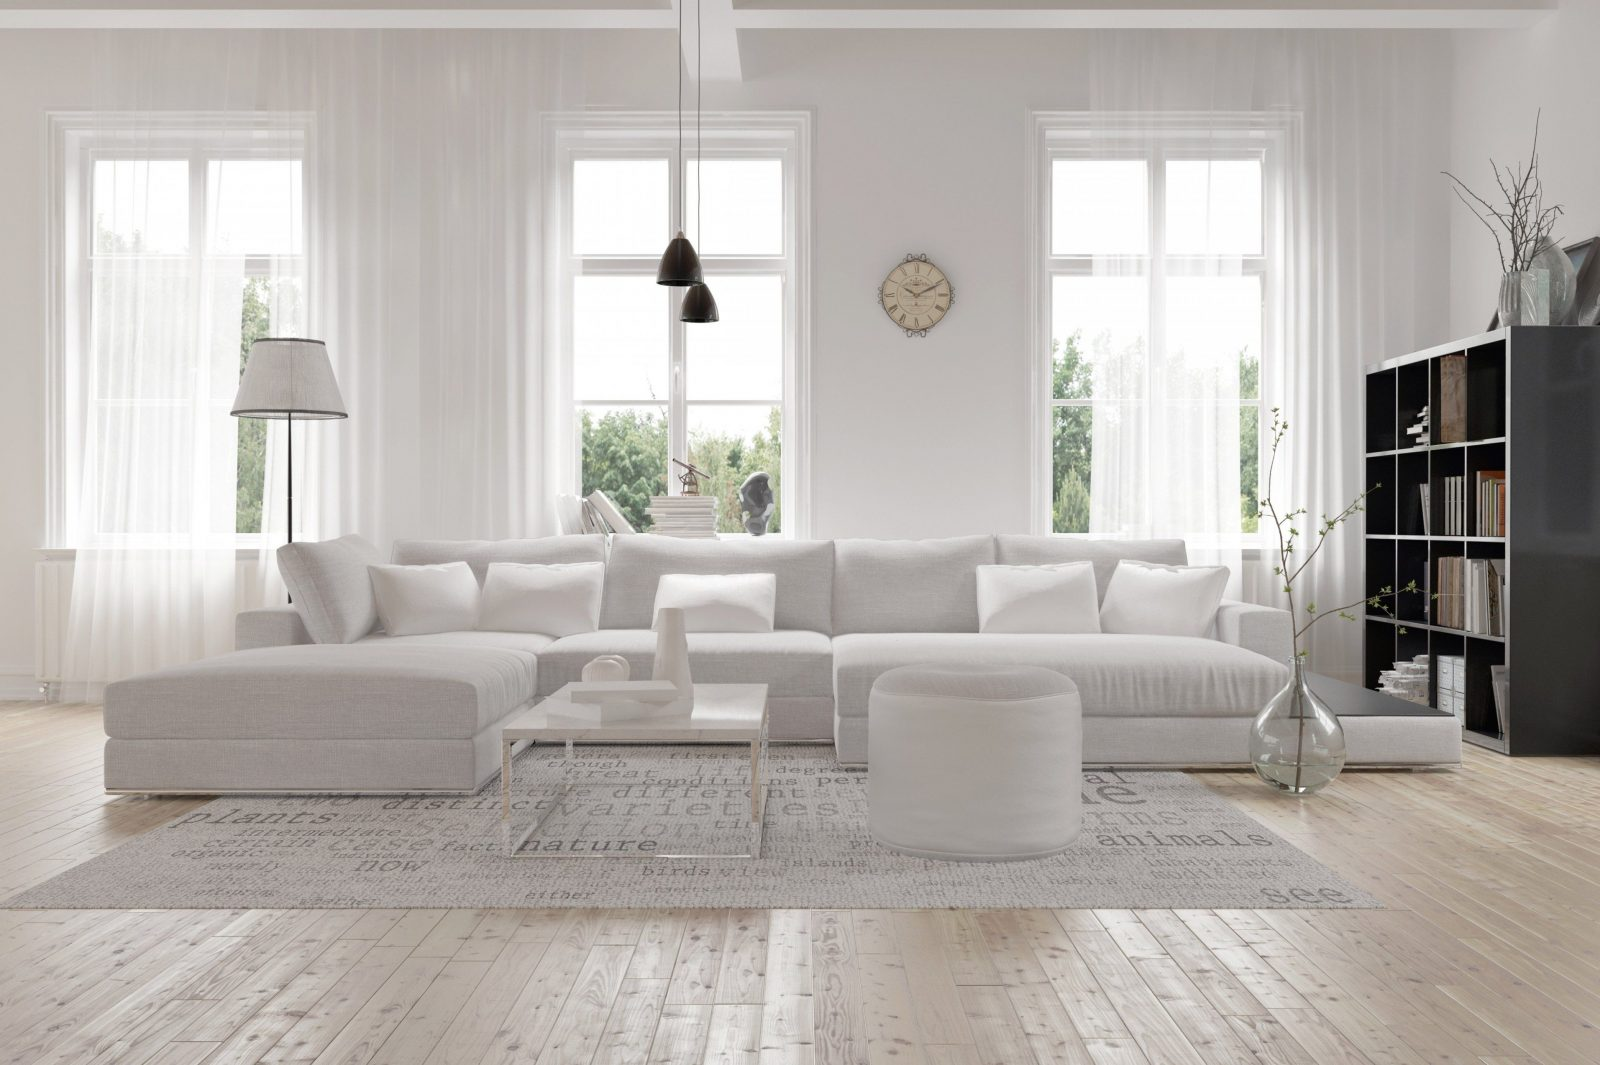 ... Welche Wandfarbe Passt Zu Dunkelbraunen Möbeln Elegant Dunkle Möbel Von  Welche Wandfarbe Passt Zu Dunkelbraunen Möbeln ...